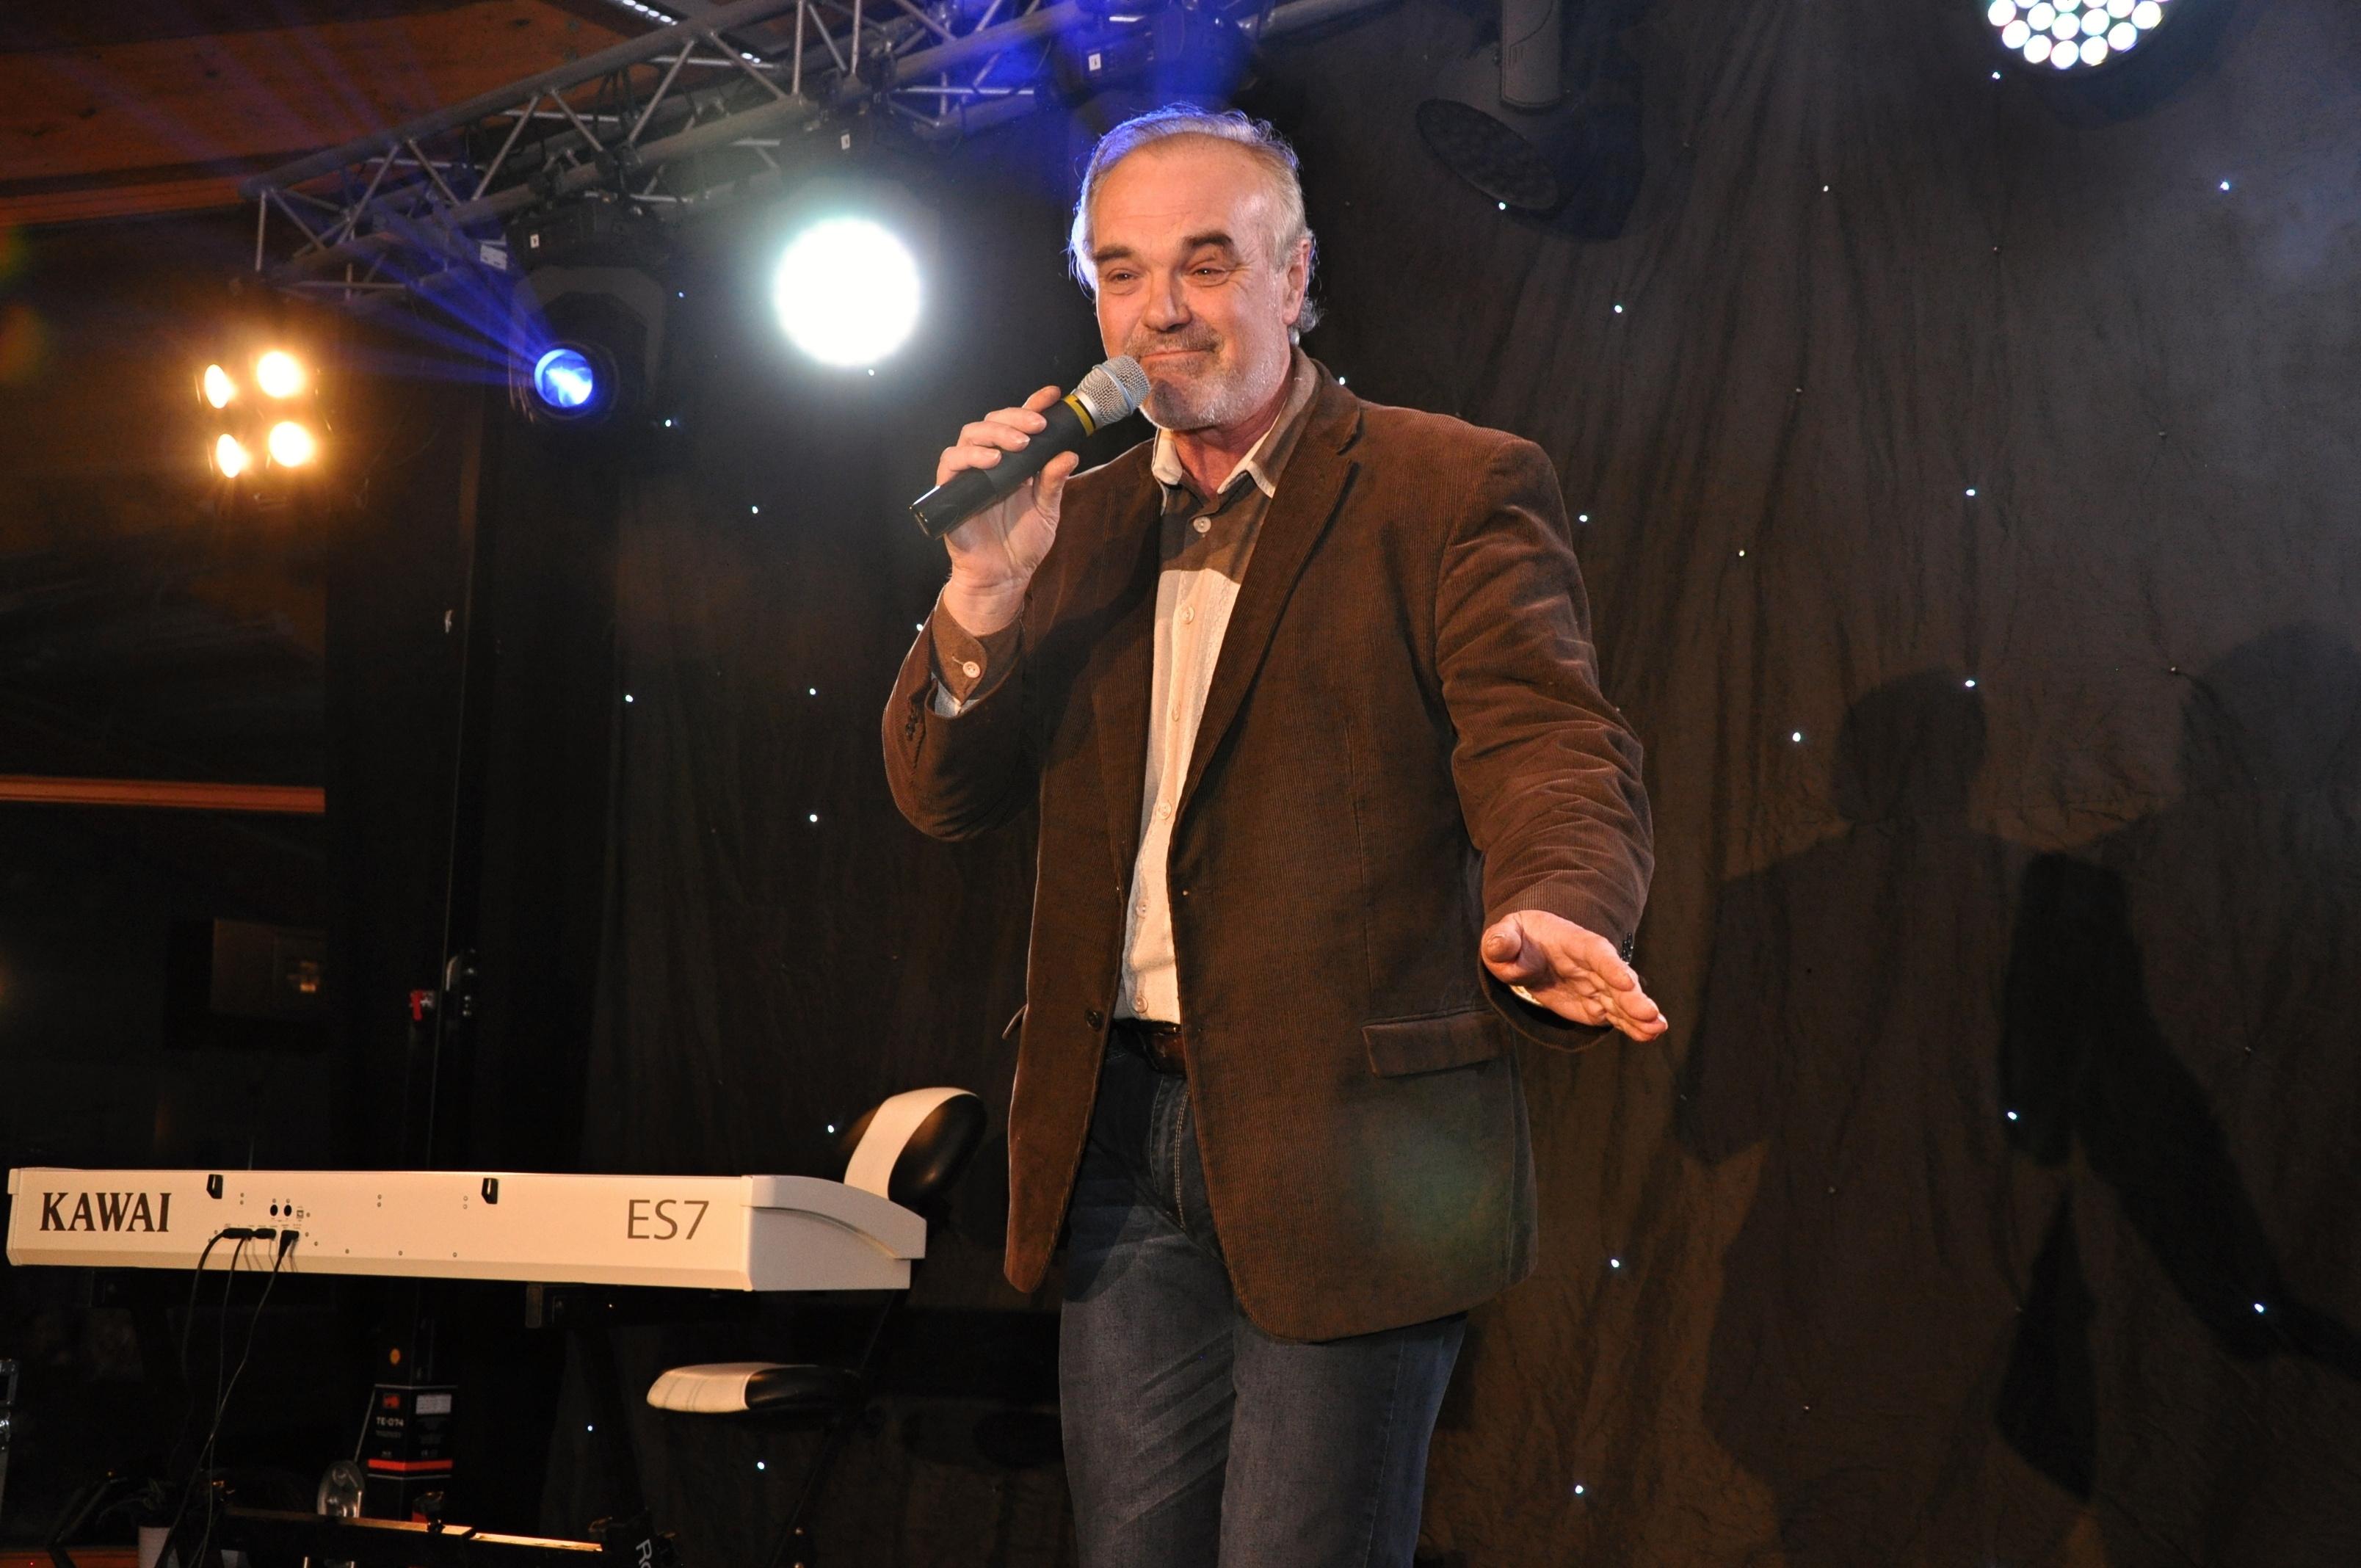 Petr_Průša_Photo337